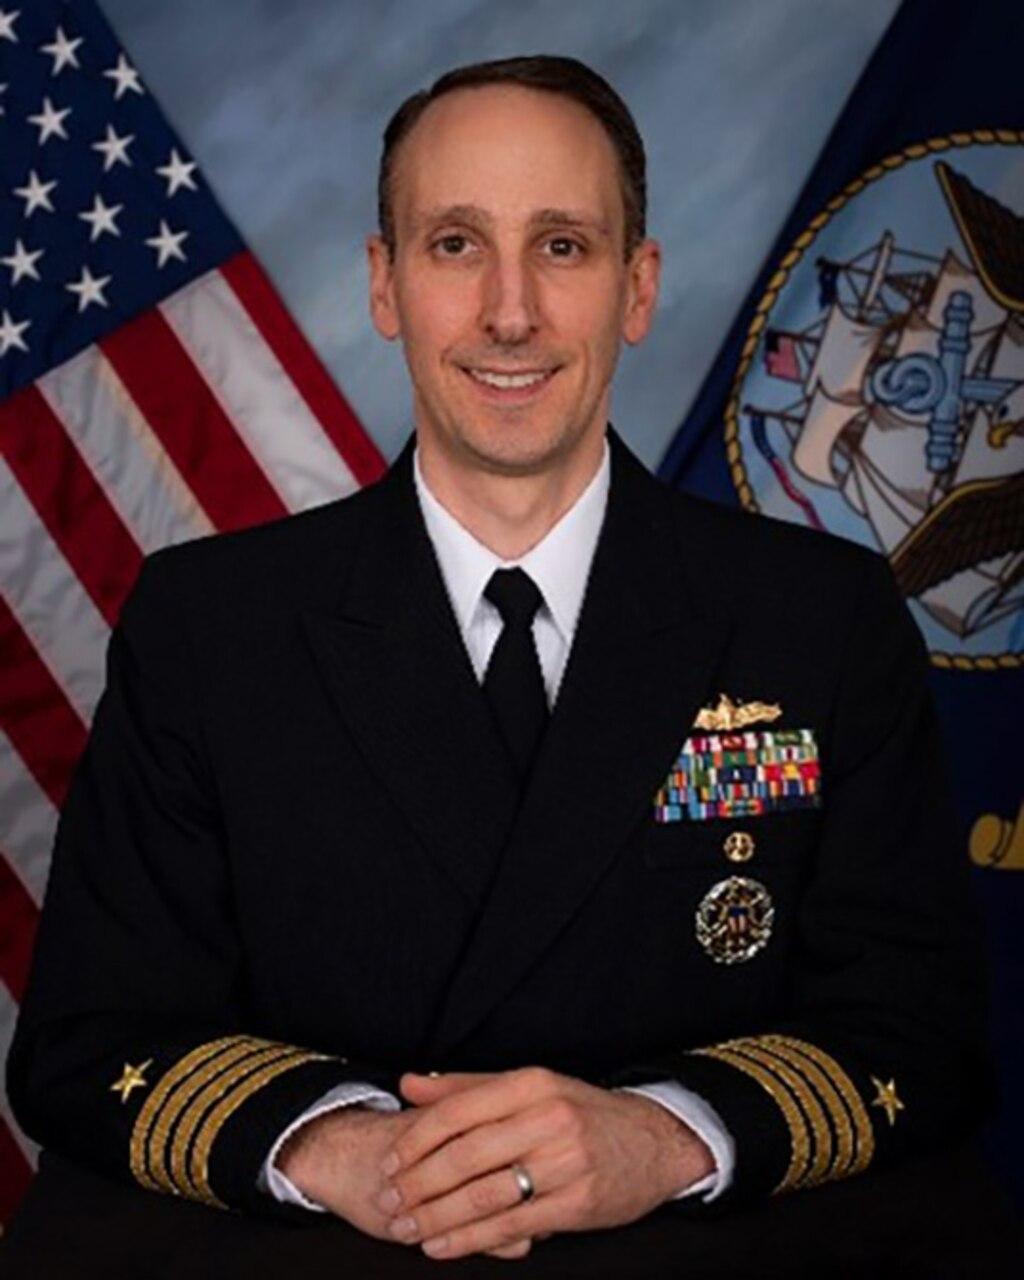 Daniel E. Broadhurst